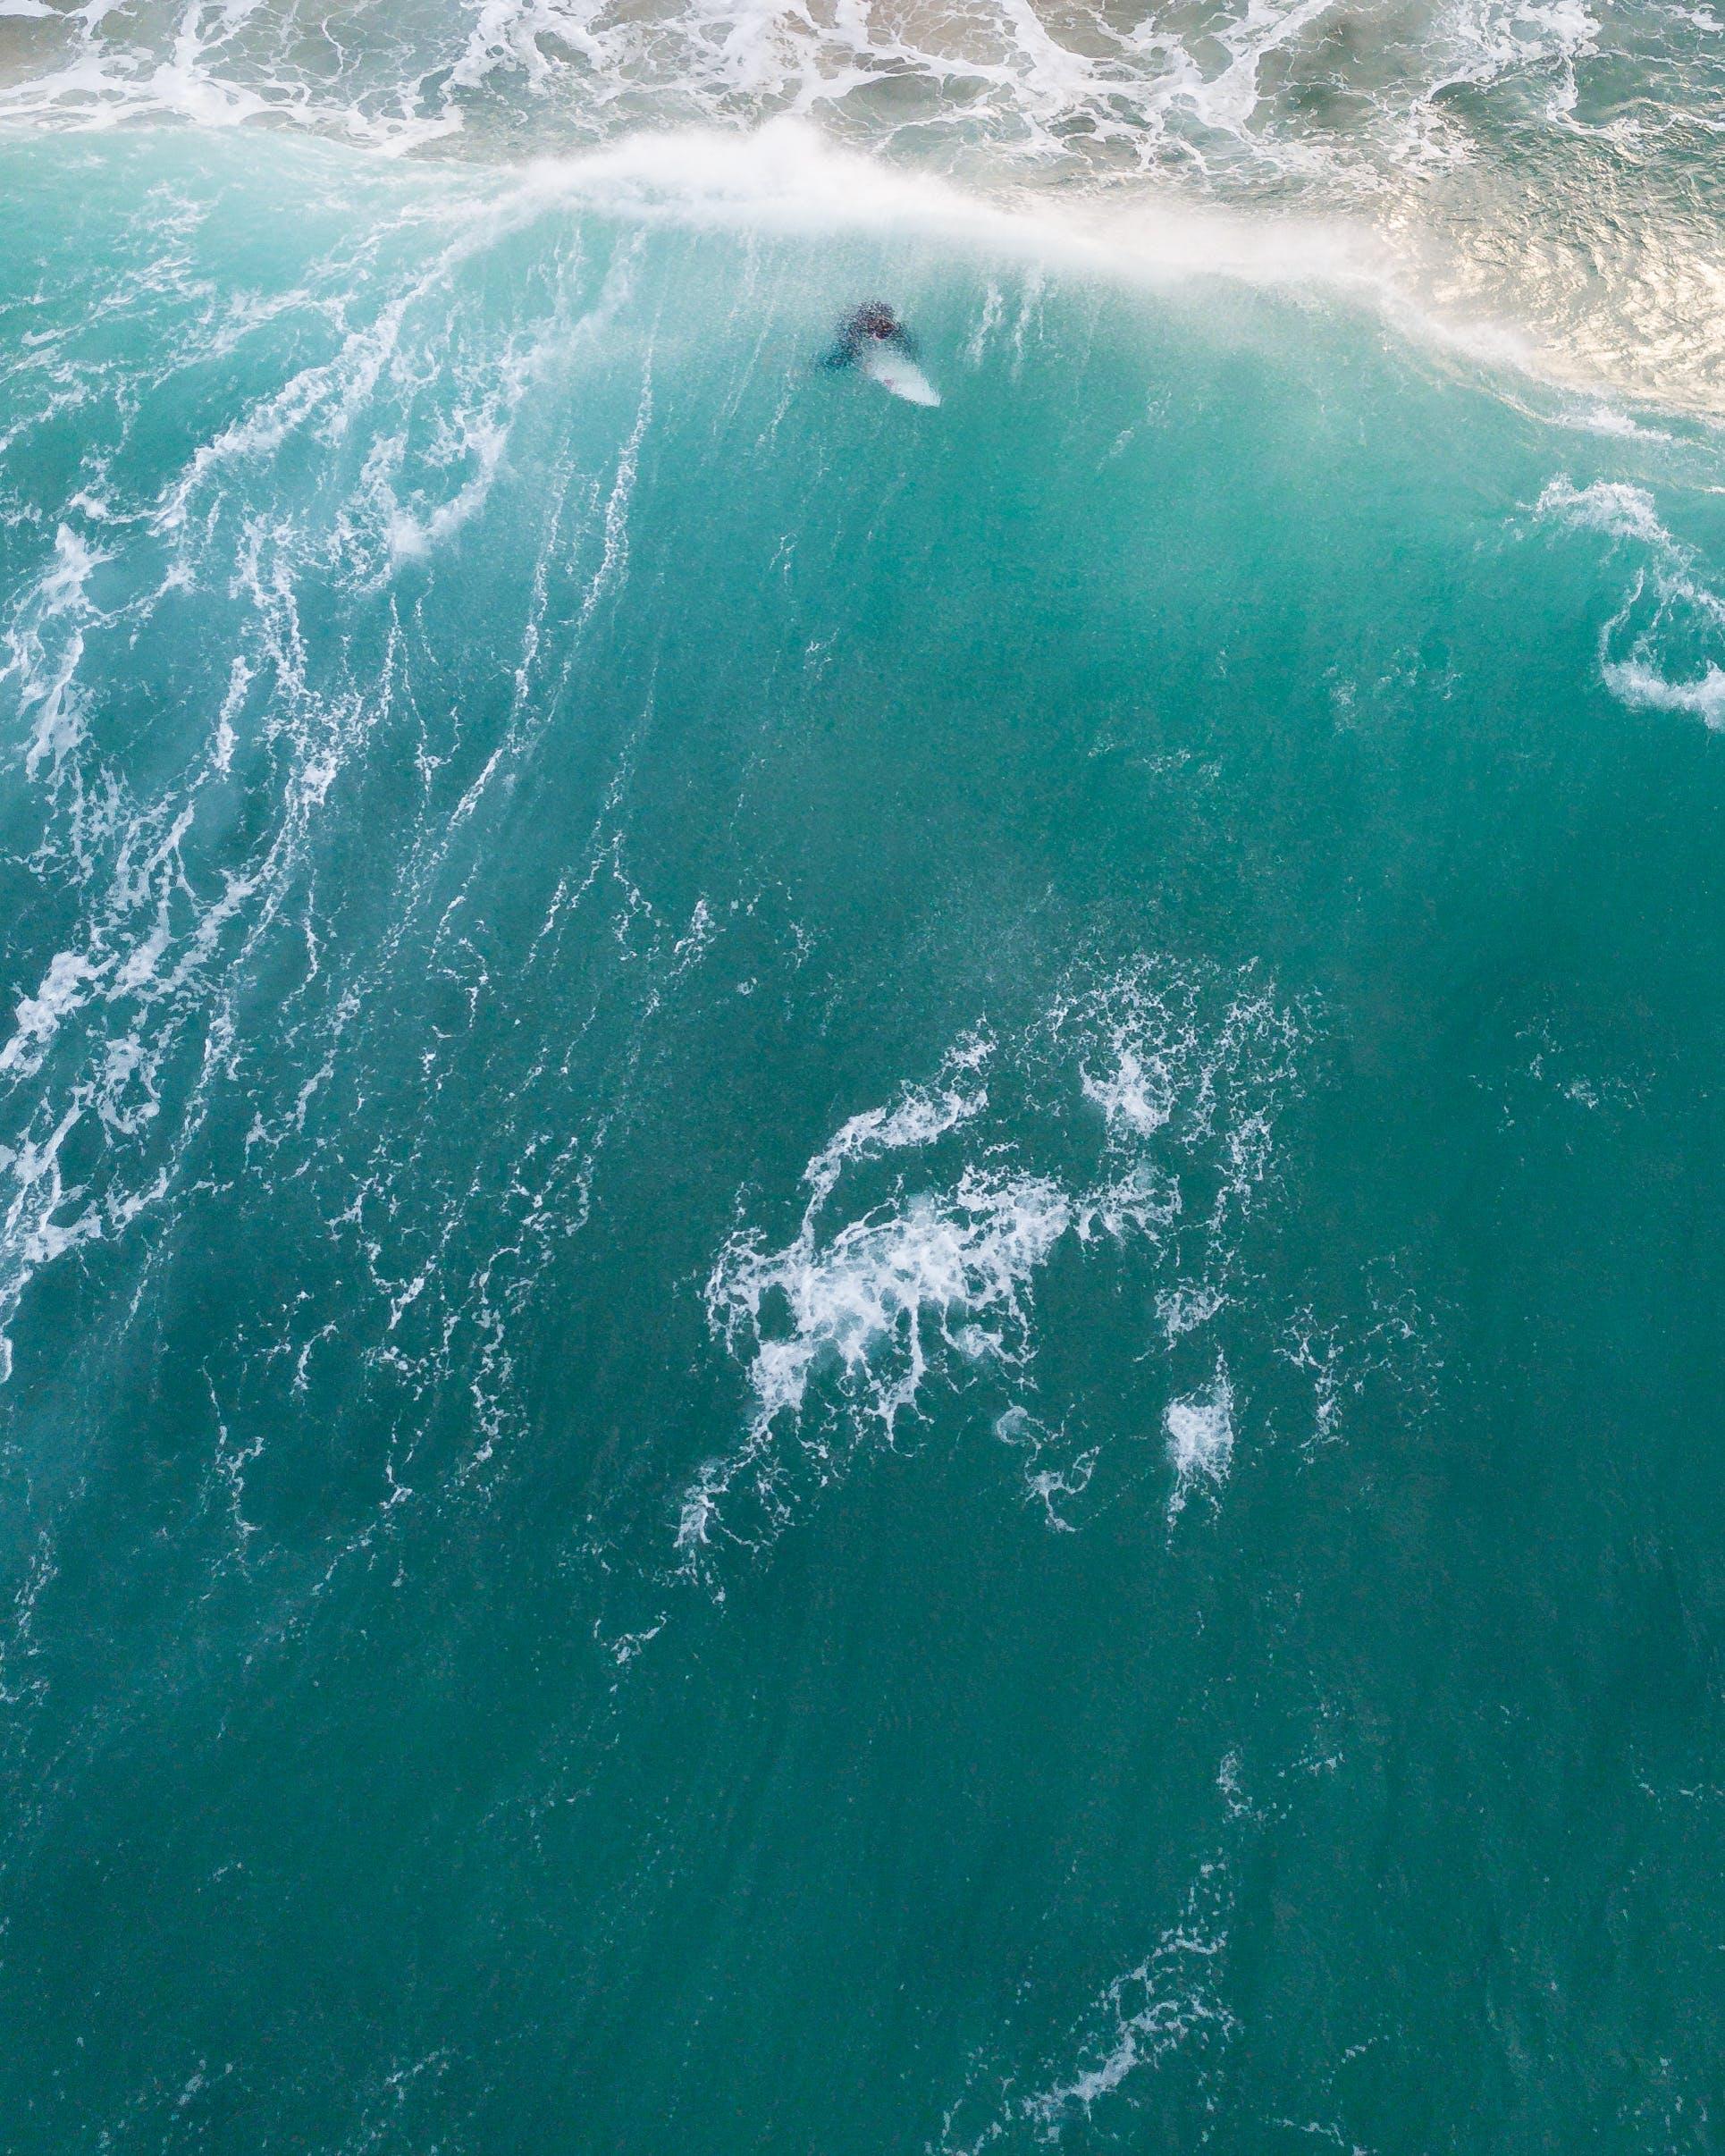 드론 촬영, 물, 바다, 바다 경치의 무료 스톡 사진